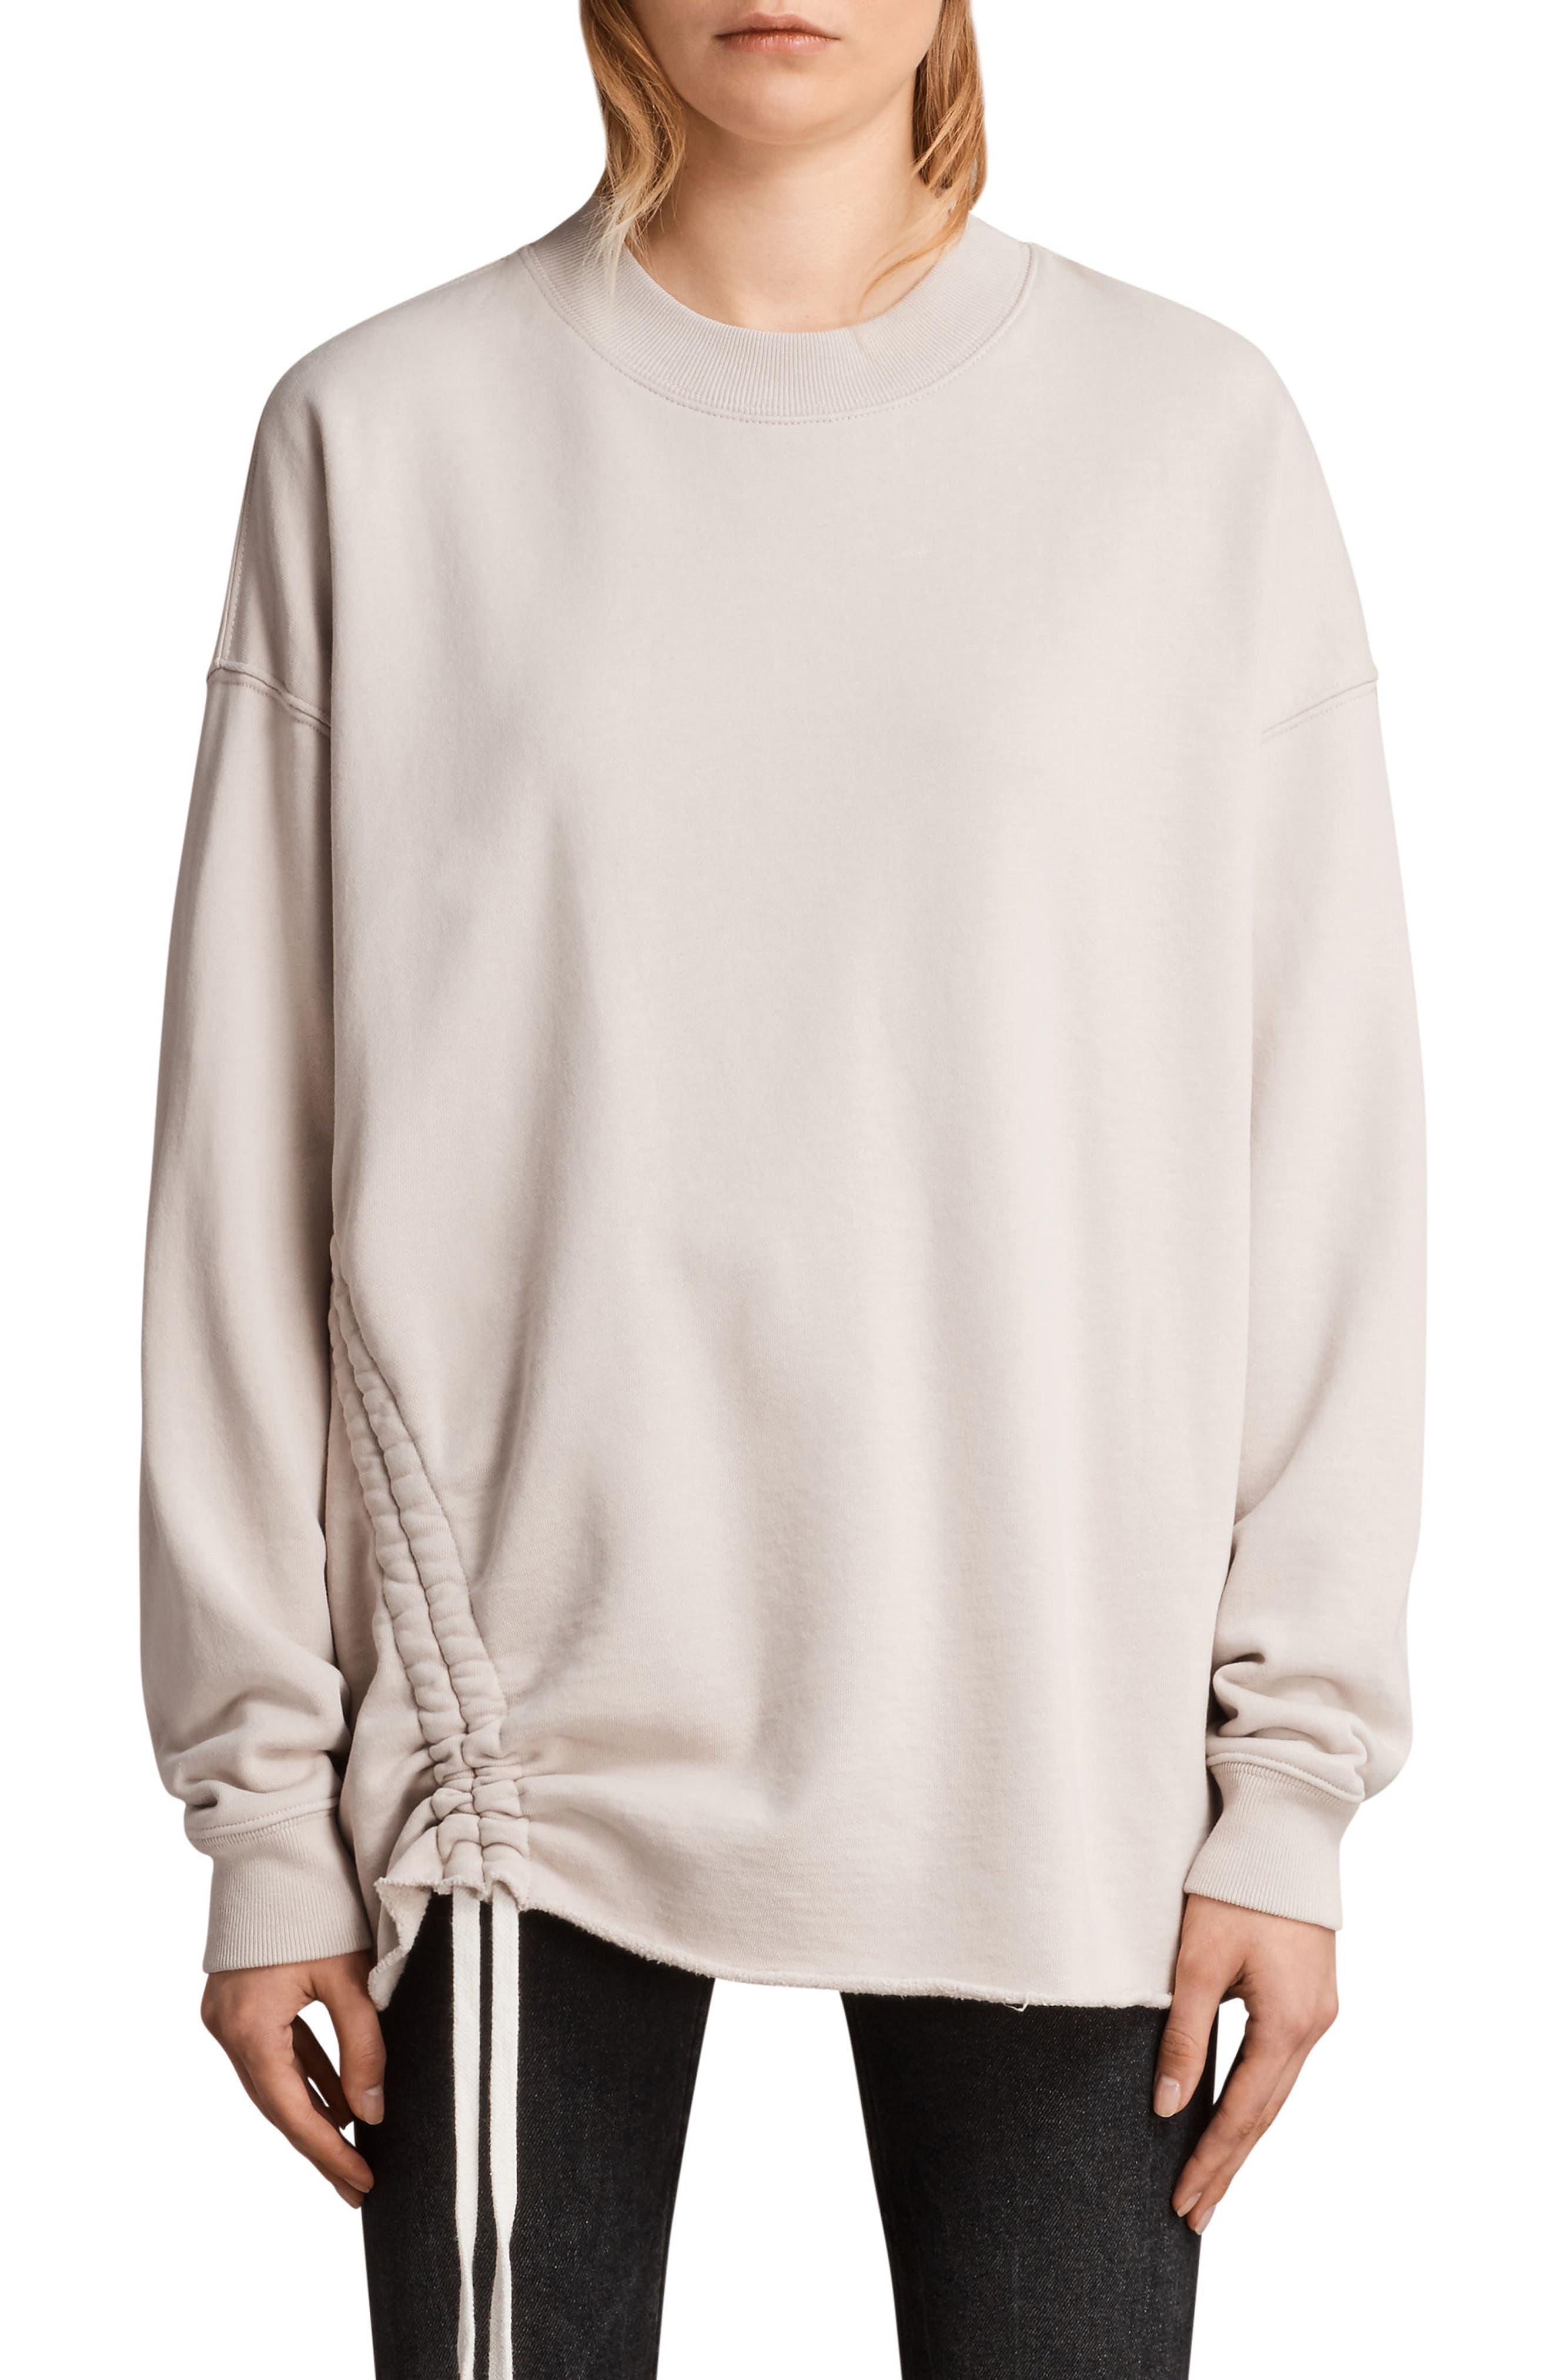 Able Sweatshirt,                             Main thumbnail 1, color,                             Quartz Pink